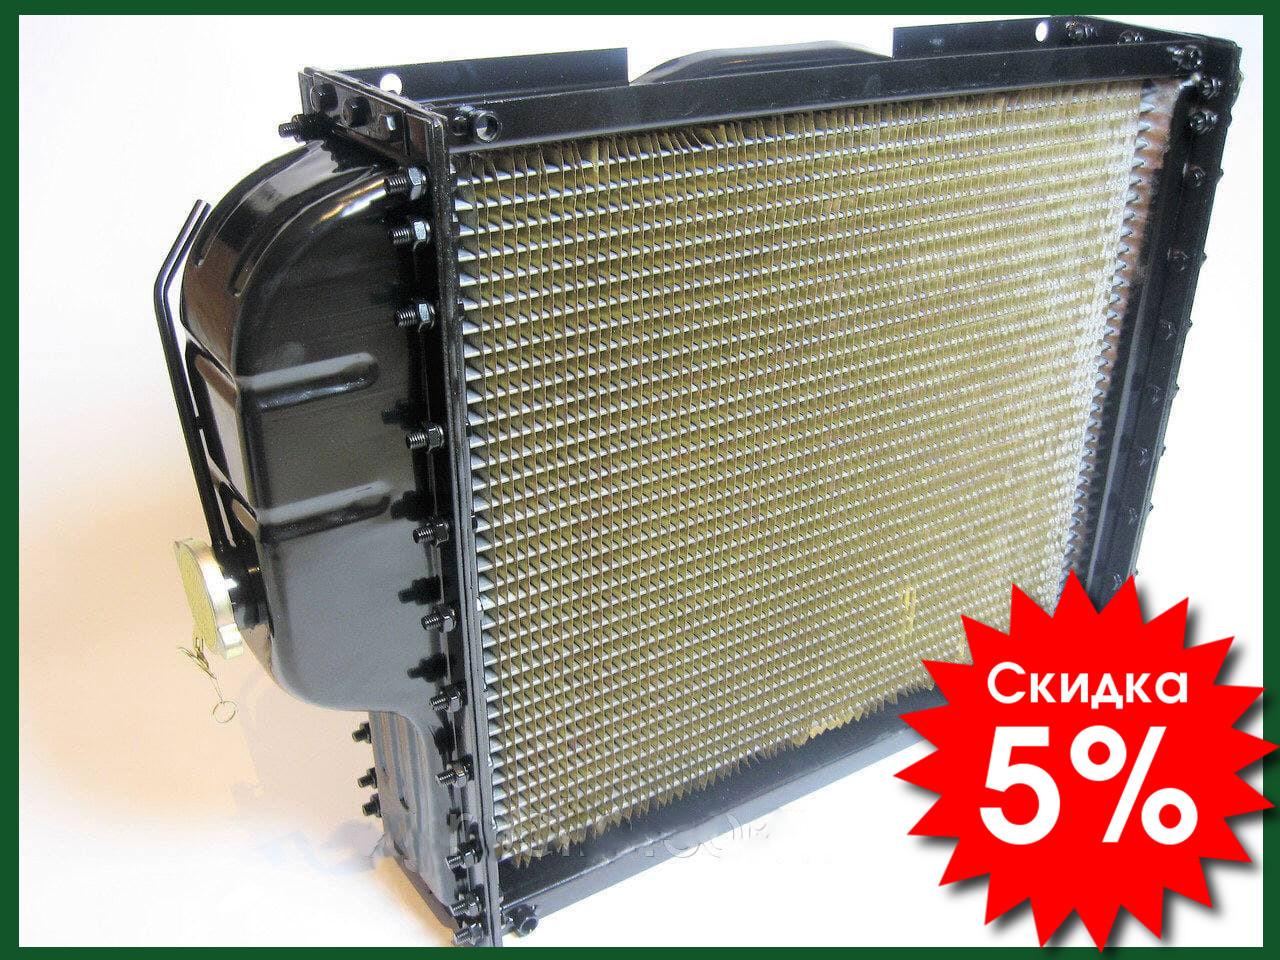 Радіатор водяного охолодження МТЗ Д-240, Д243 (латунний) 4-х рядний